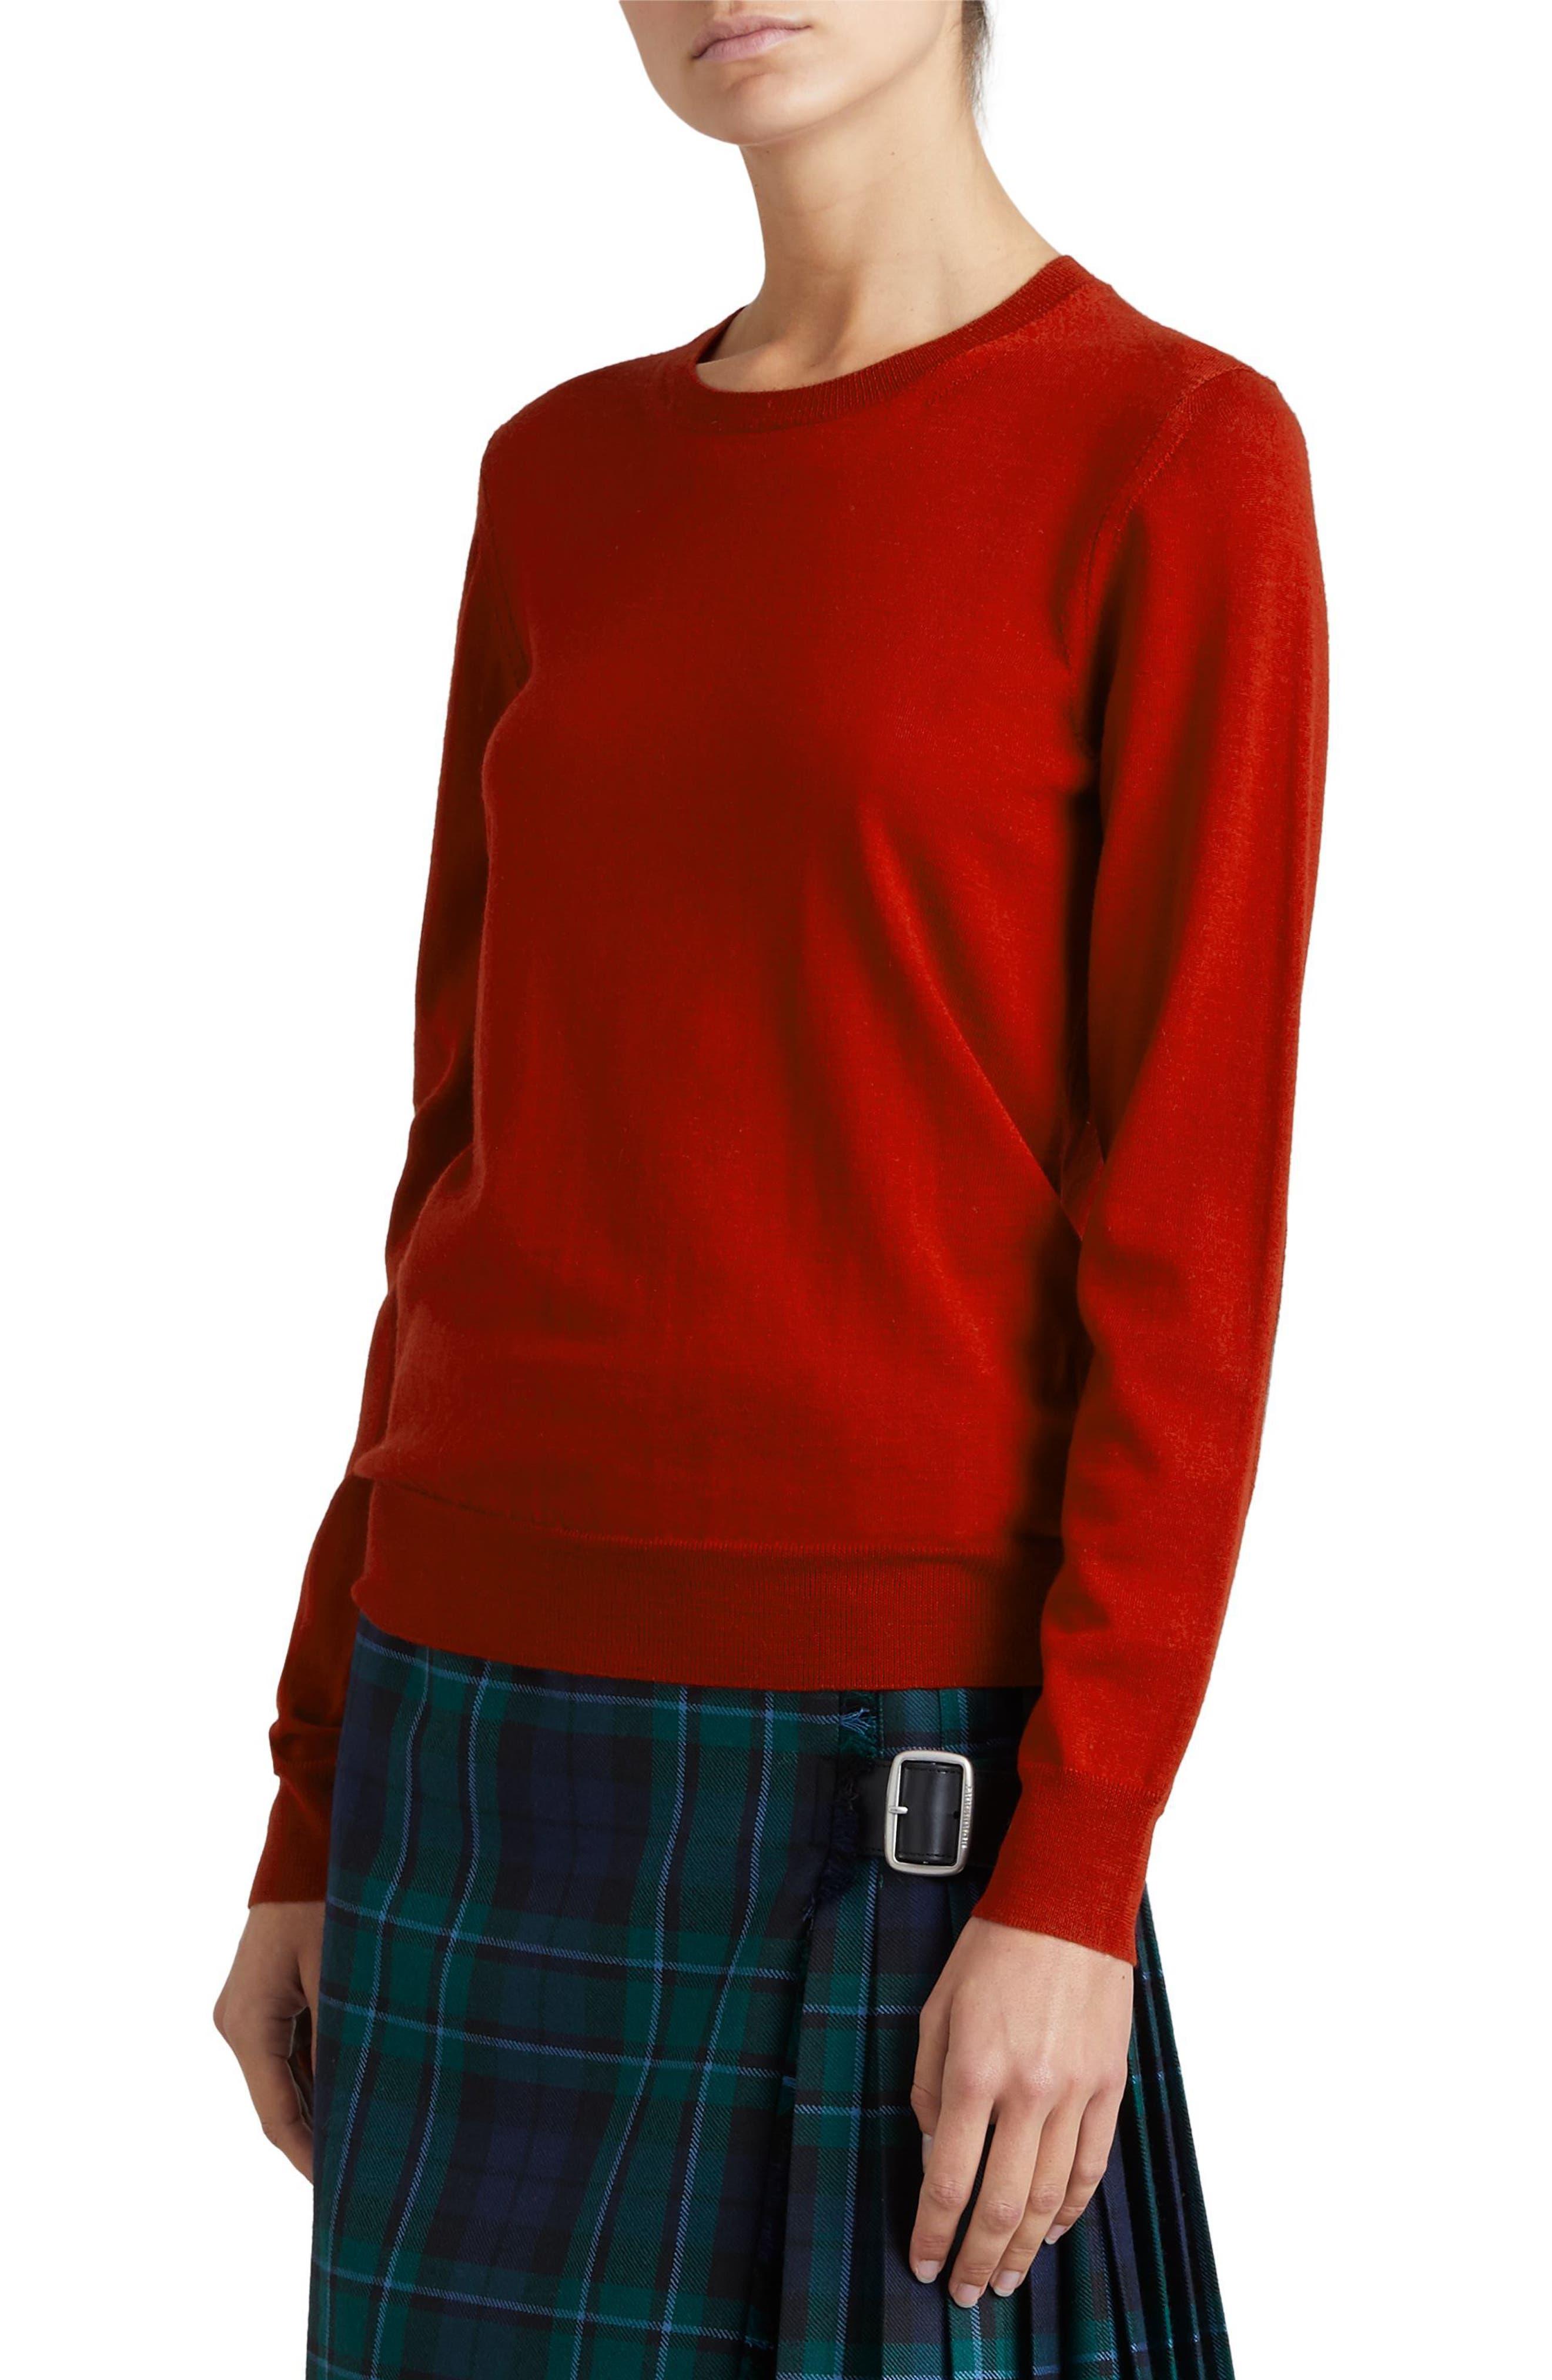 Main Image - Burberry Viar Merino Wool Sweater